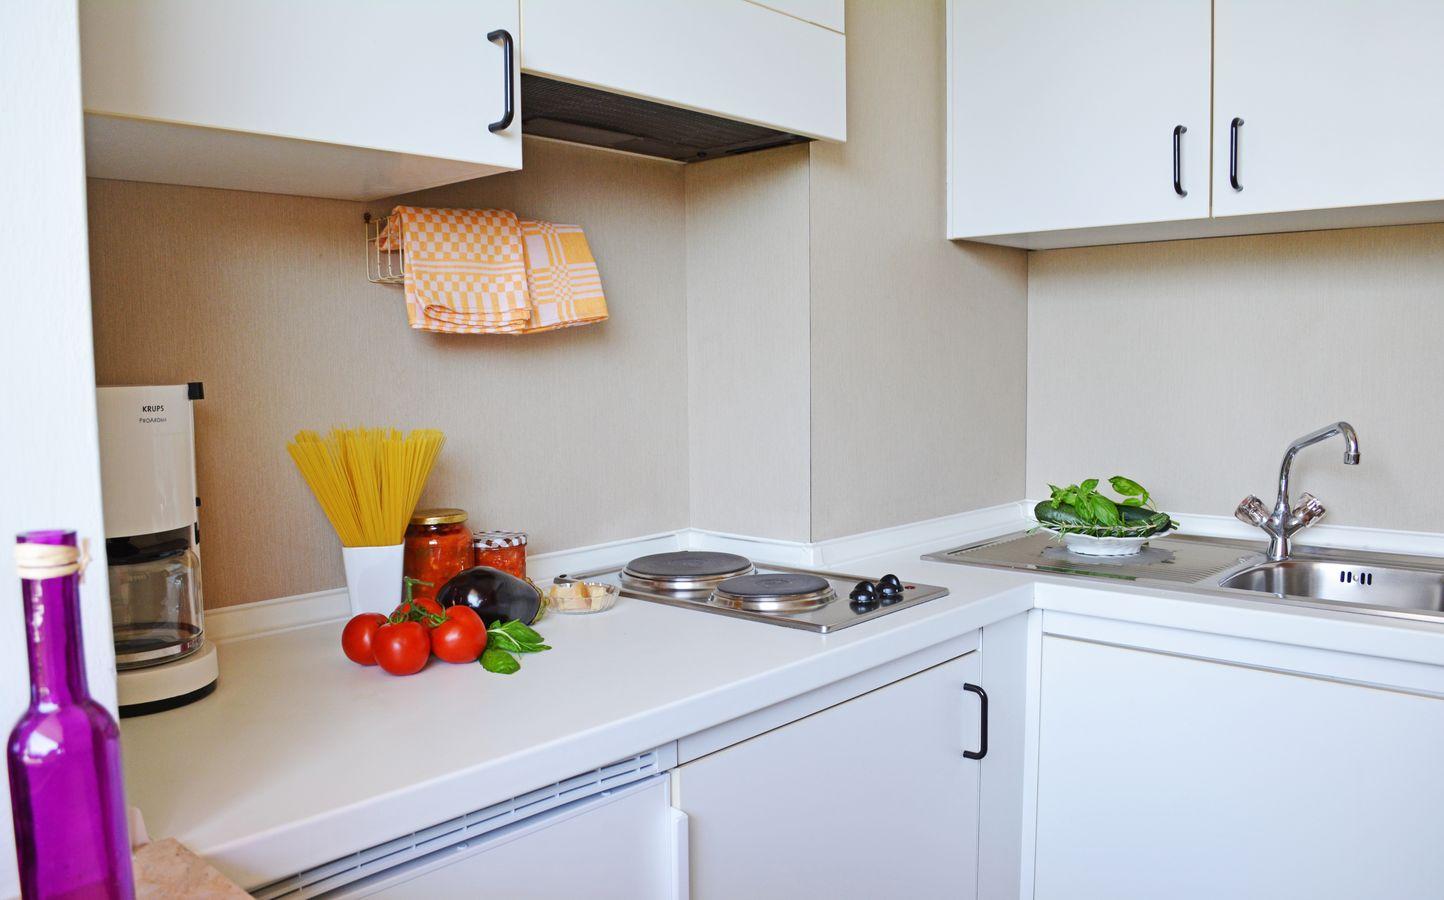 Appartamento a Merano cucina ben attrezzata